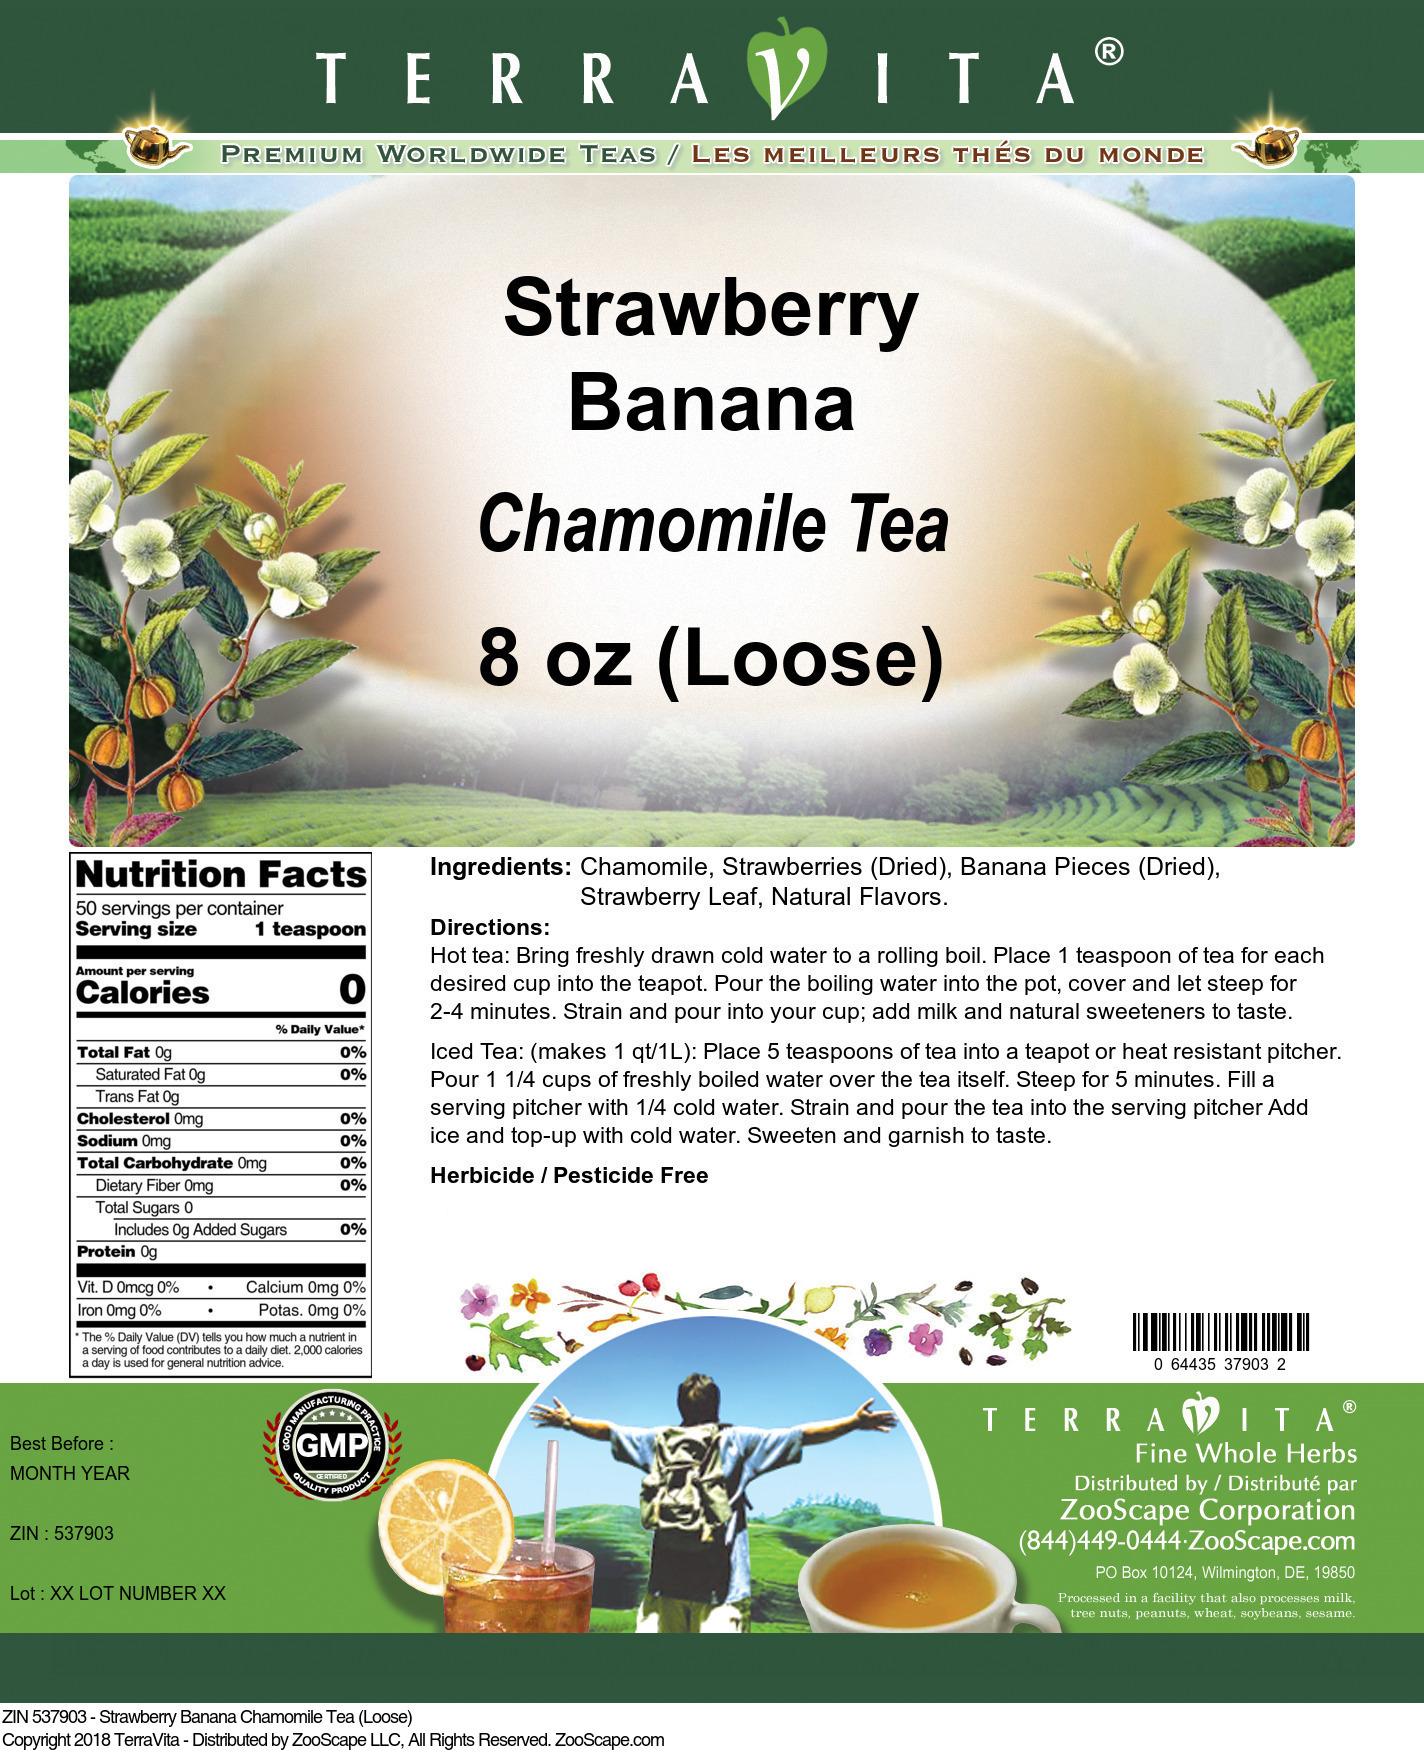 Strawberry Banana Chamomile Tea